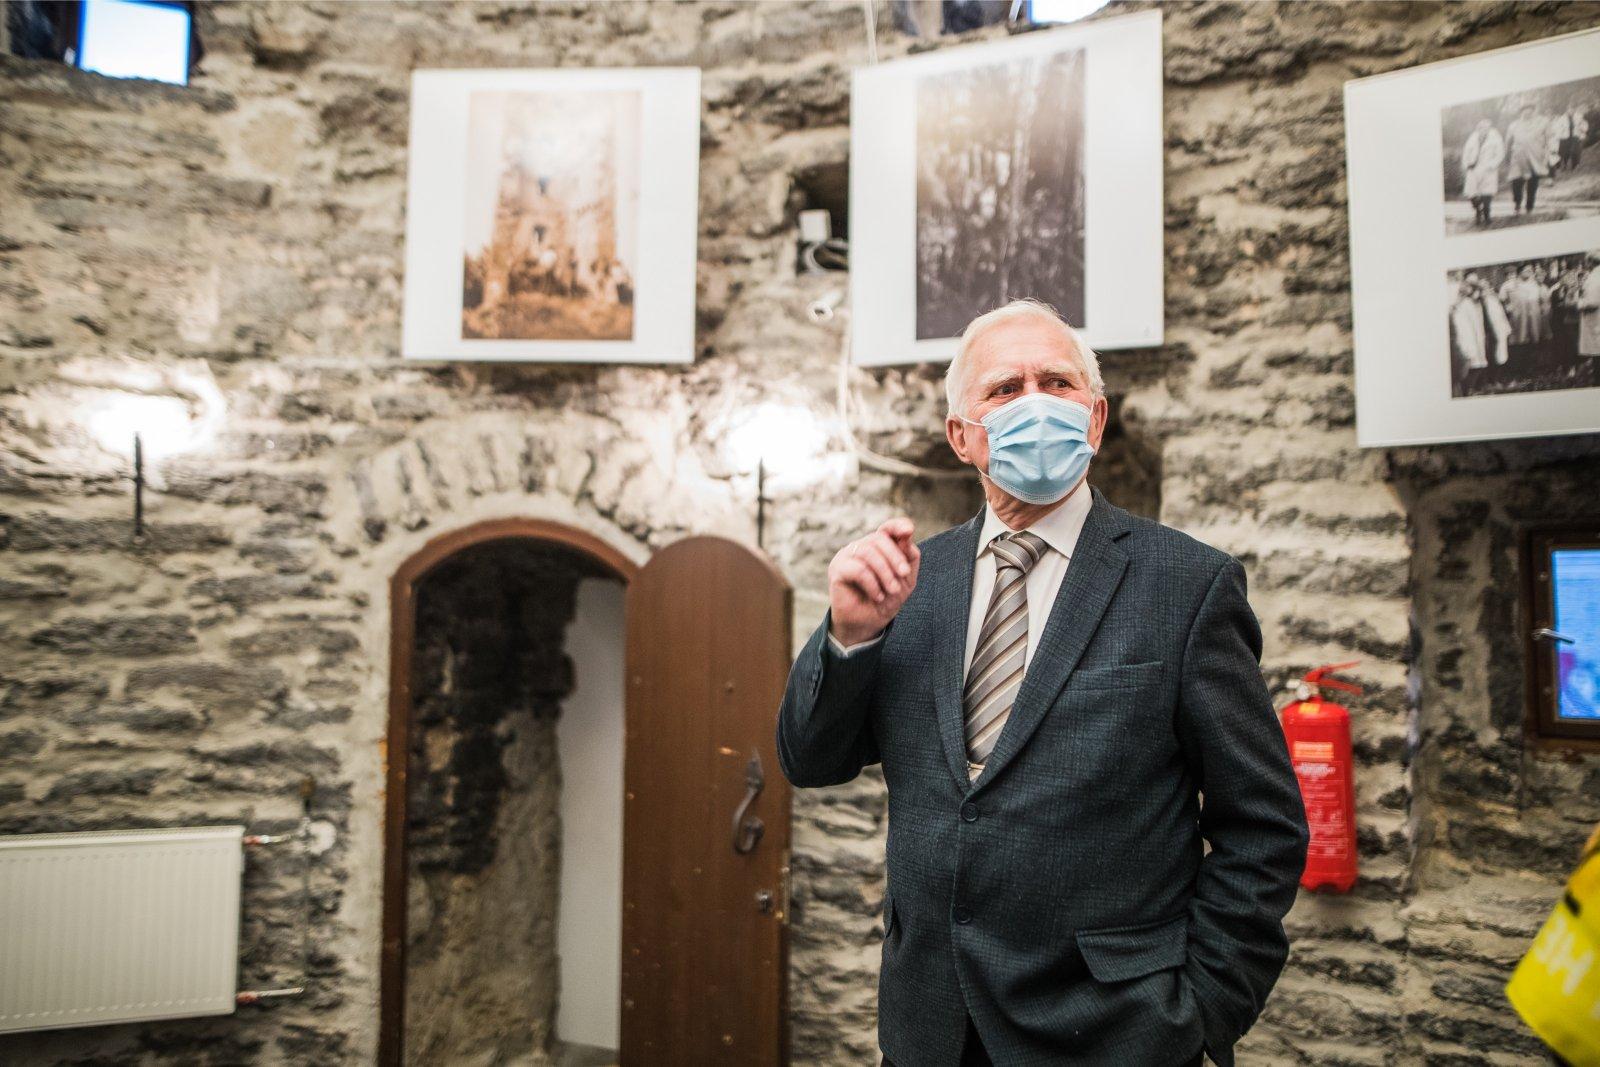 FOTOD | Eesti Teatri- ja Muusikamuuseumis avati näitus Voldemar Panso kirest looduse vastu: